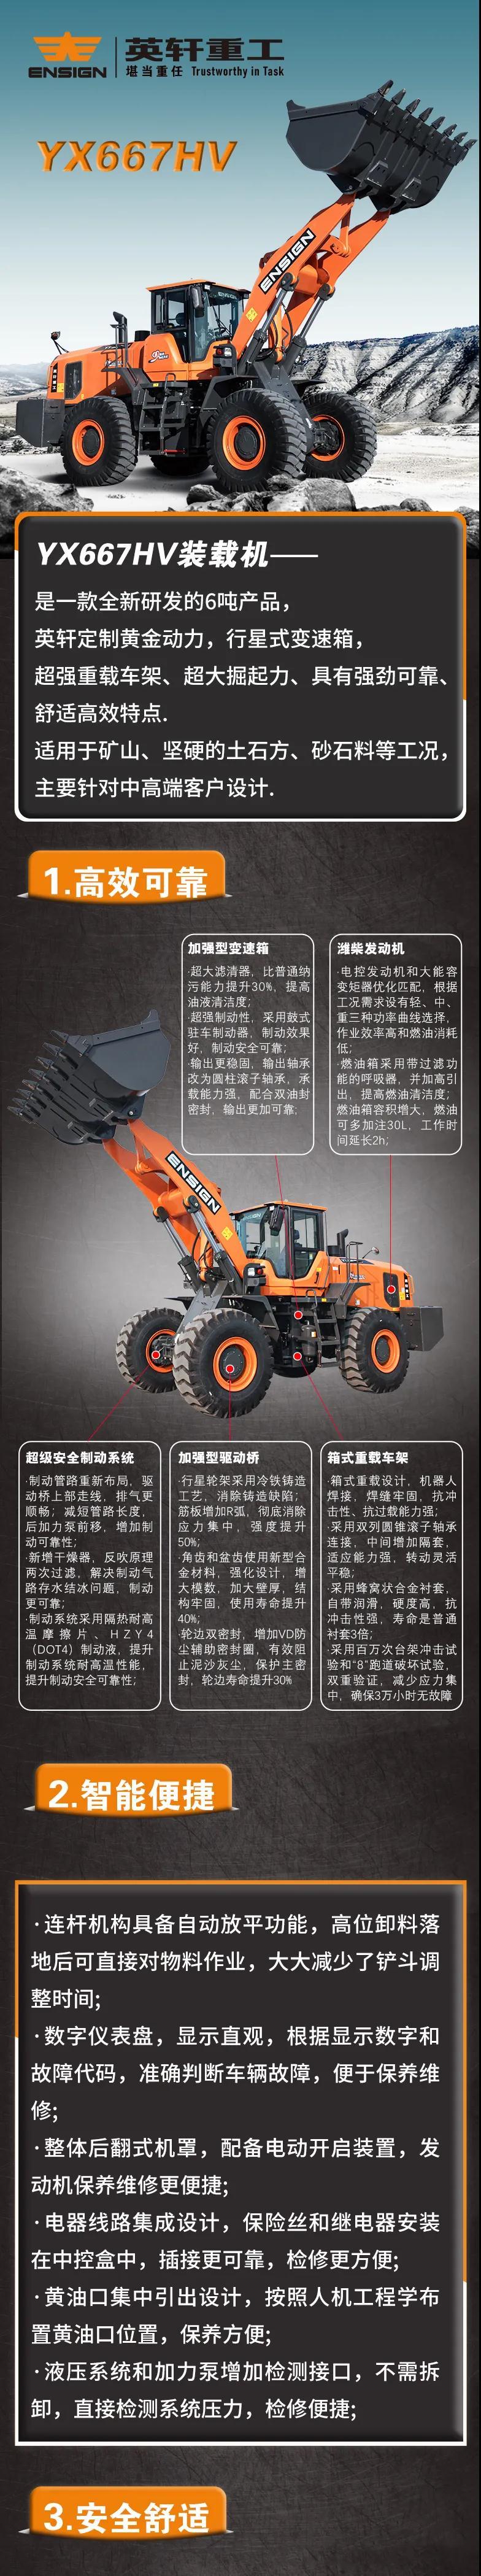 英轩6吨系列产品—YX667HV装载机